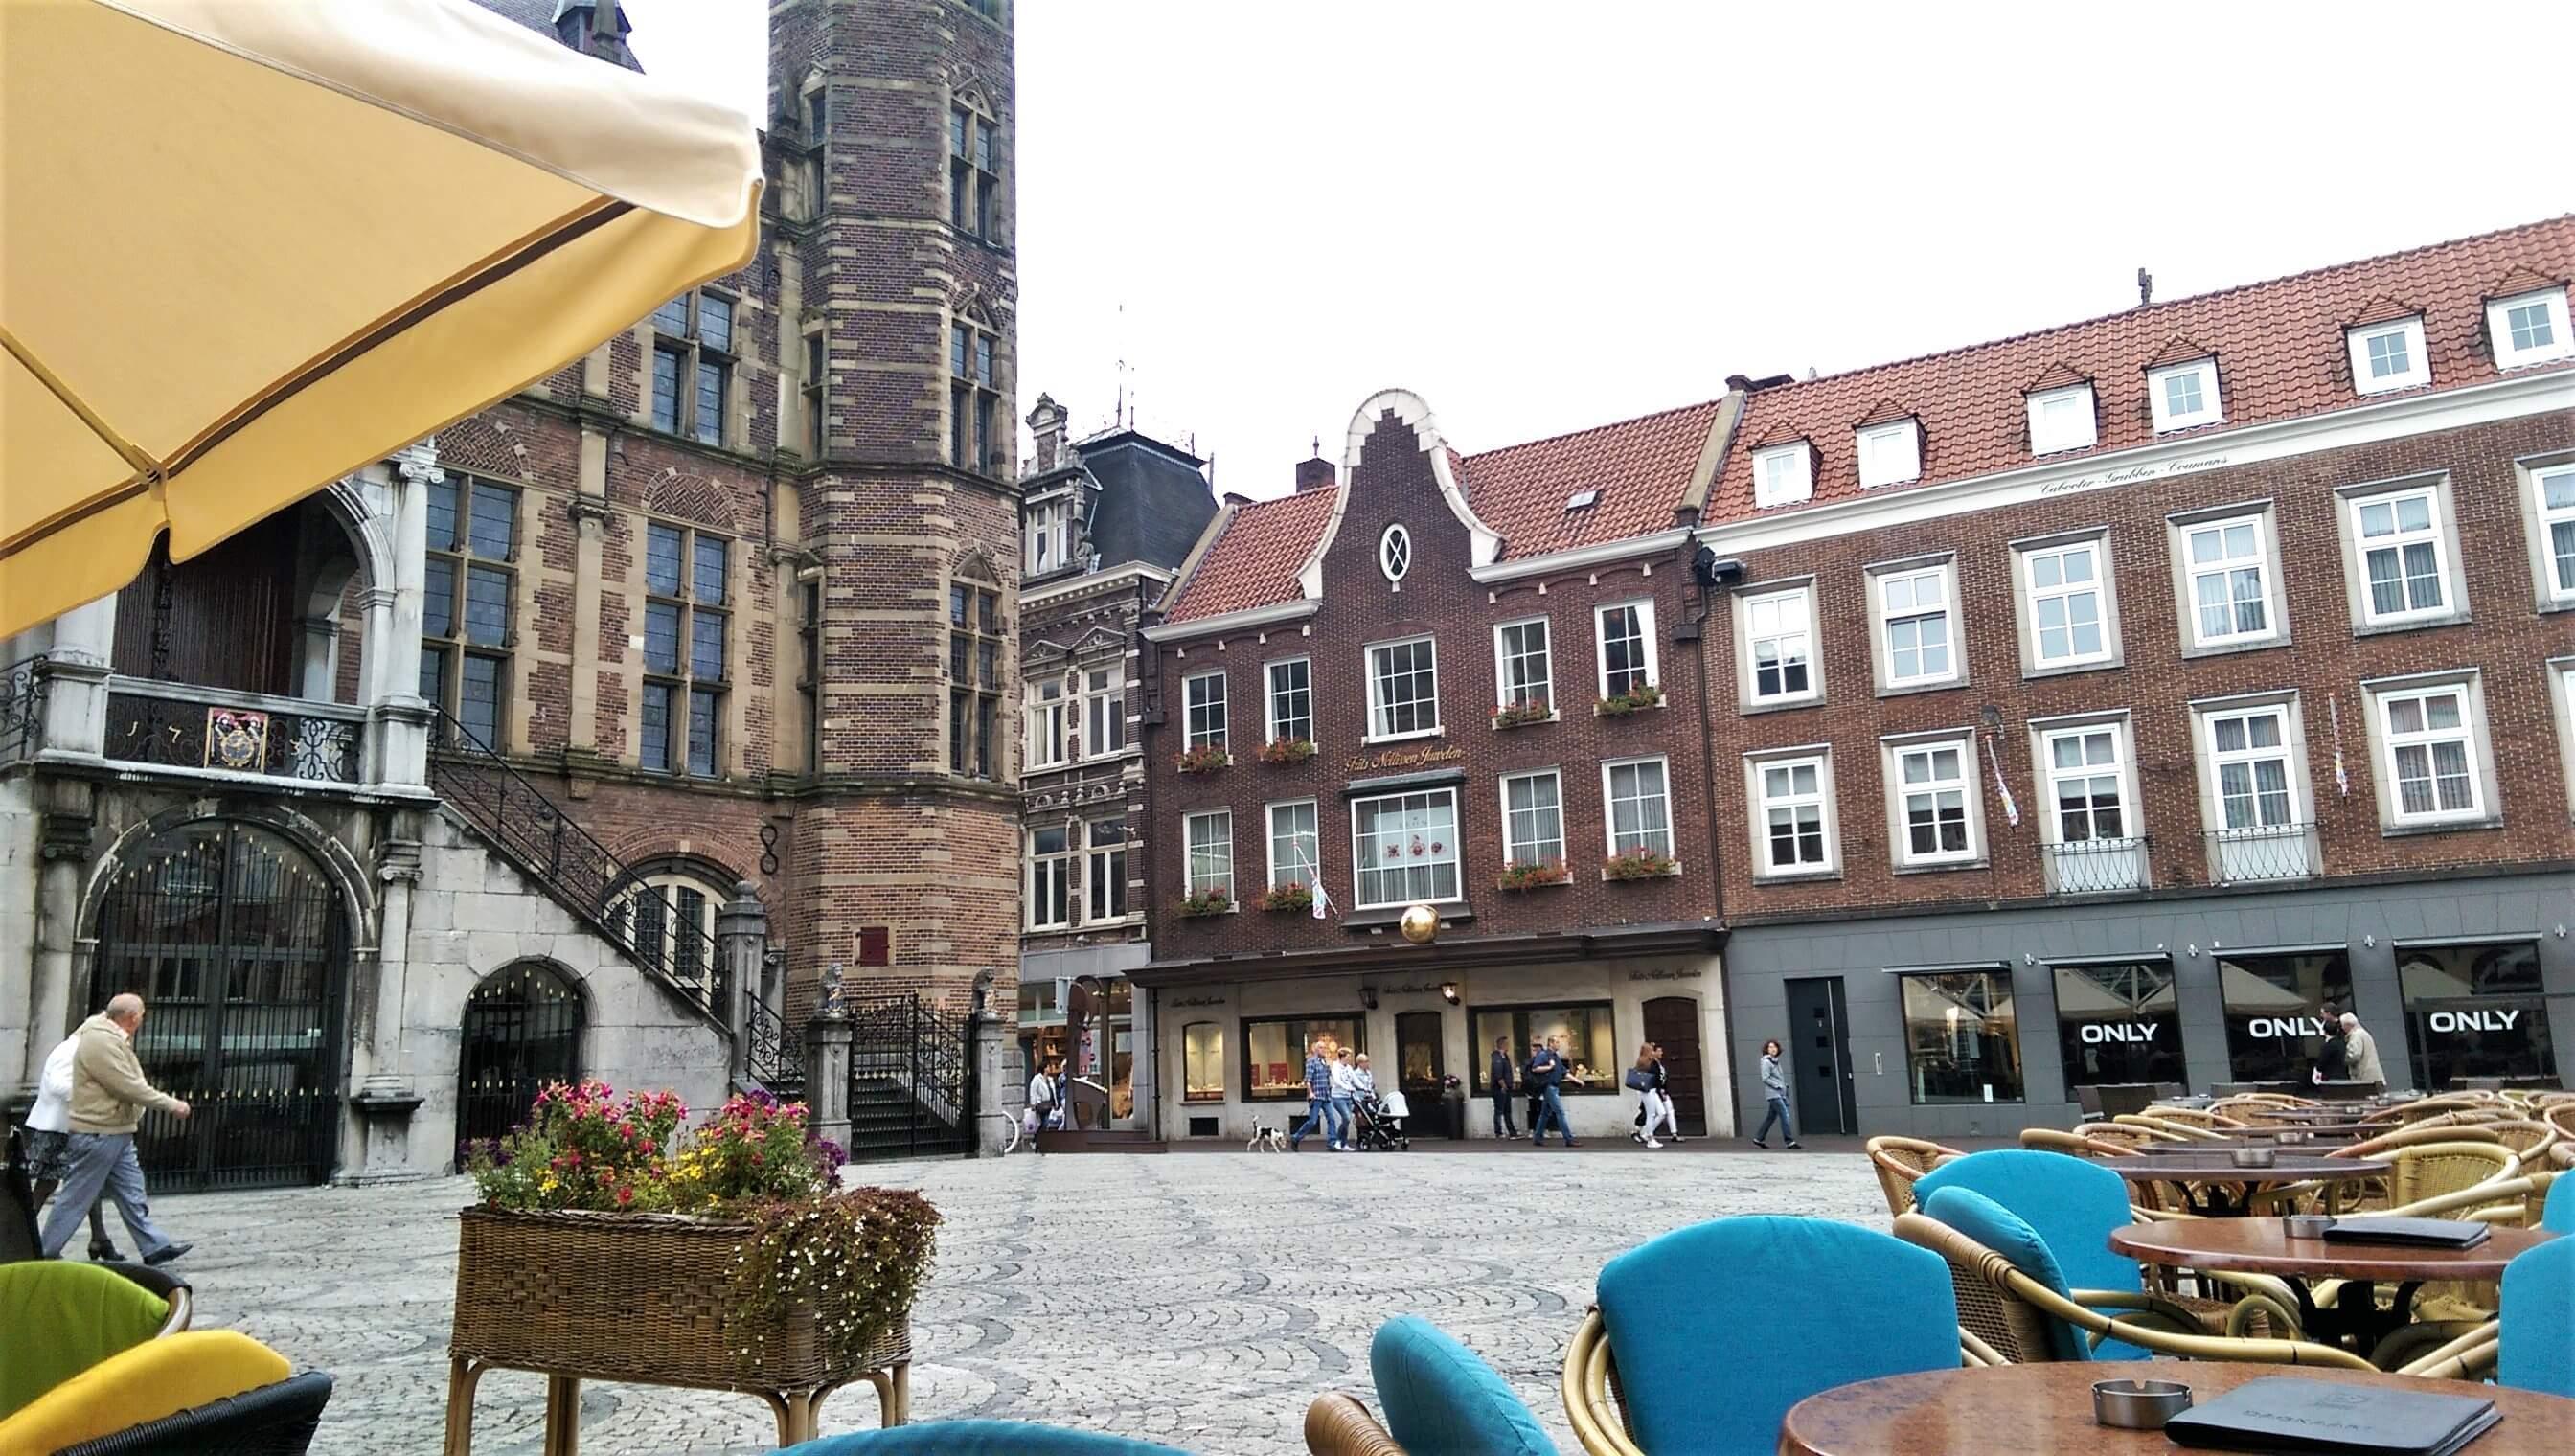 Heute zeigt euch Mandy in einem Gastbeitrag durch Venlo und in ihr Lieblinksrestaurant. Lies jetzt mehr auf msiemund.de!